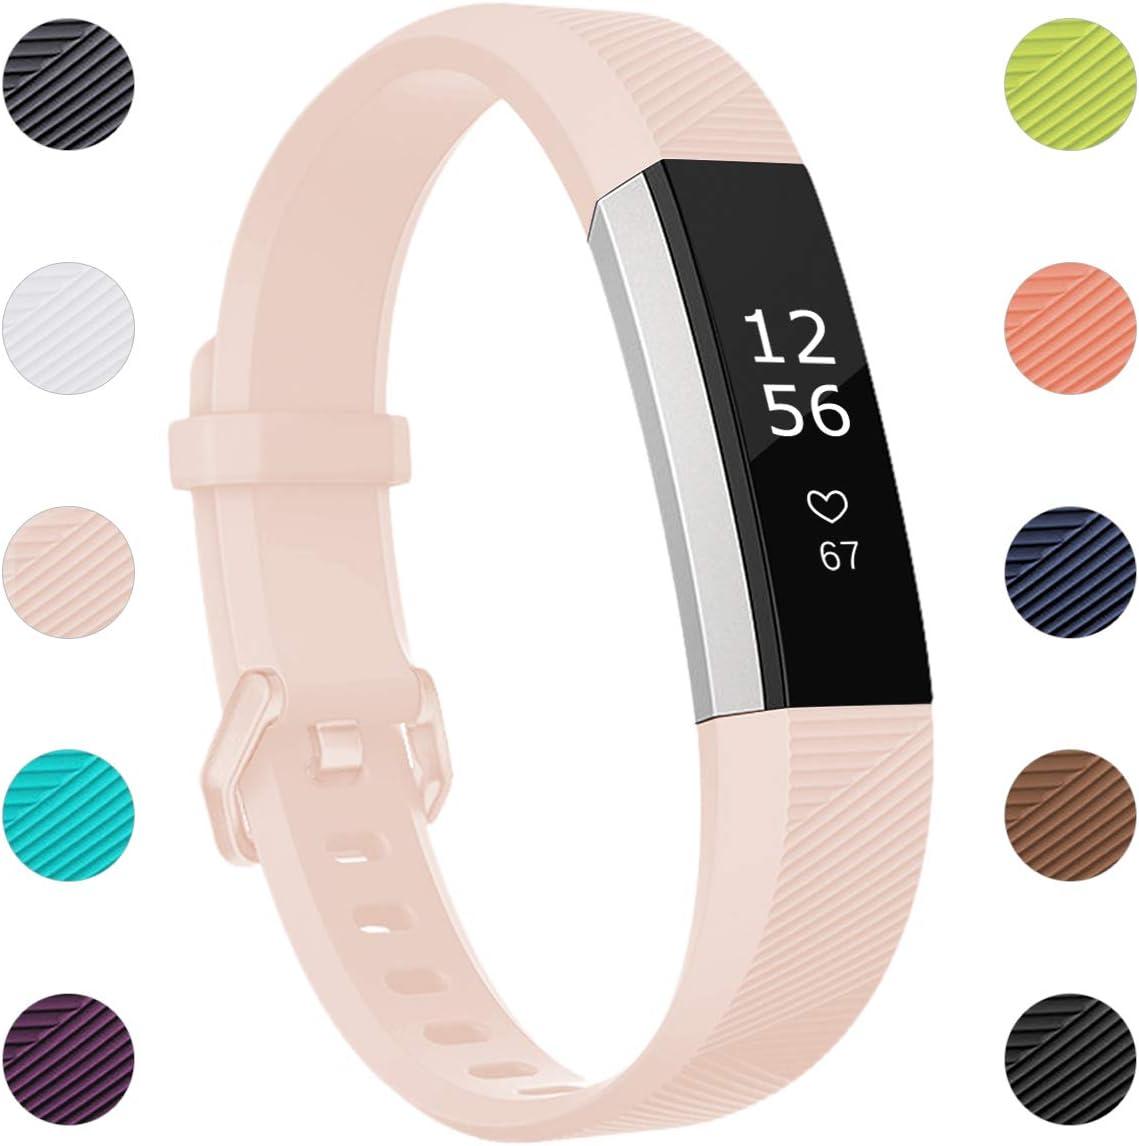 Malla Para Reloj Fitbit Alta / Fitbit Alta Hr / Ace.talle S